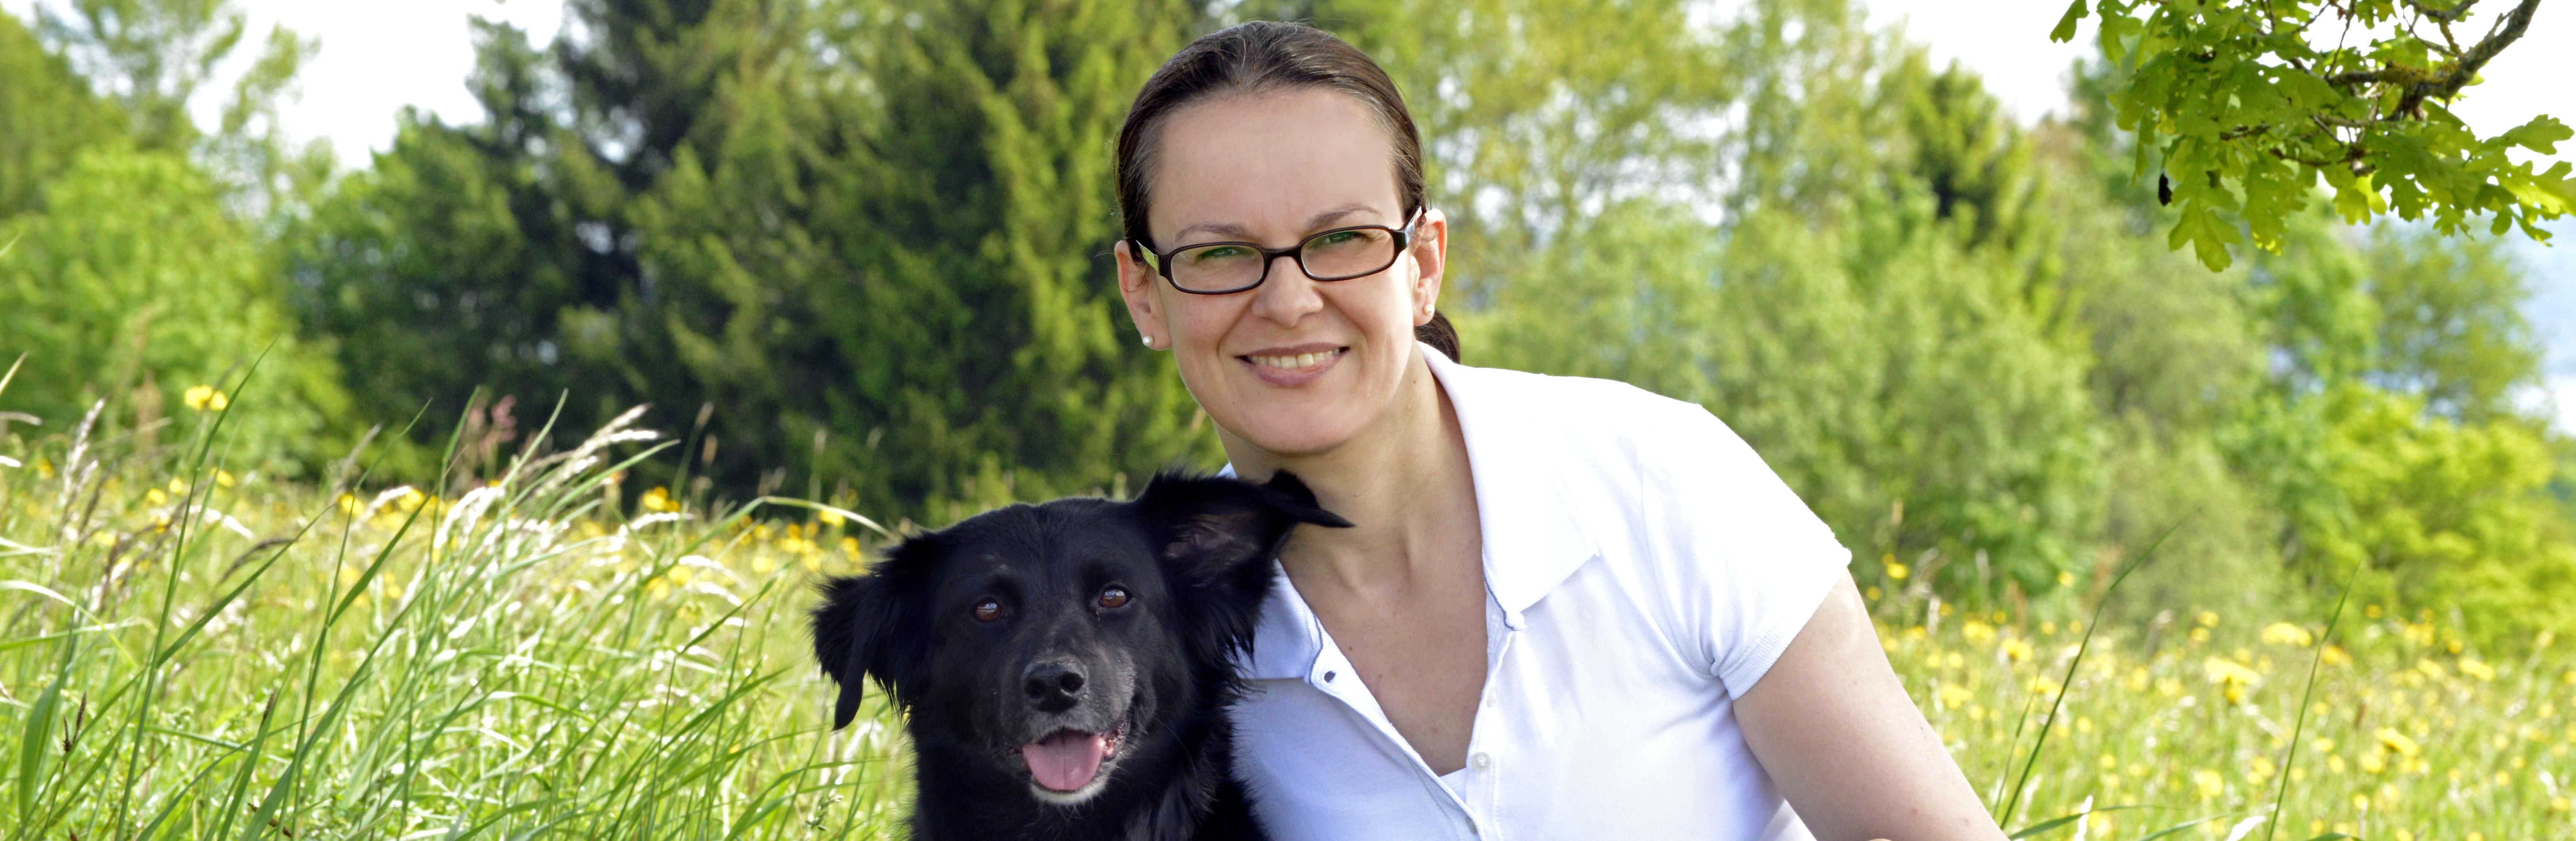 Manuela Morche mit Hund Leni